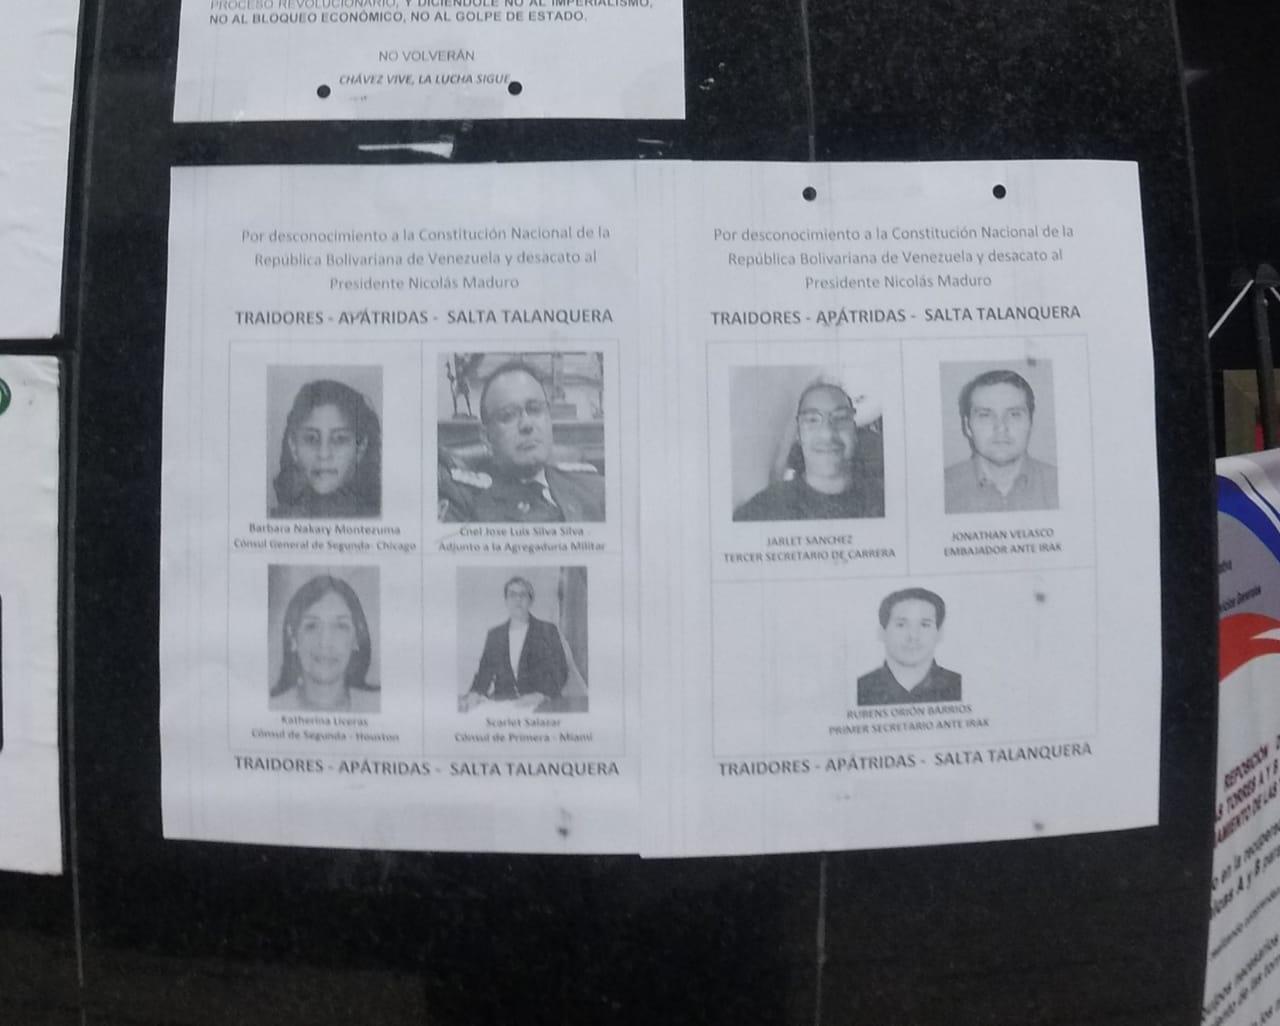 Afiche pegado en una pared de la Cancillería, en el que se califica como traidores a los funcionarios que han reconocido la autoproclamación de Juan Guaidó.